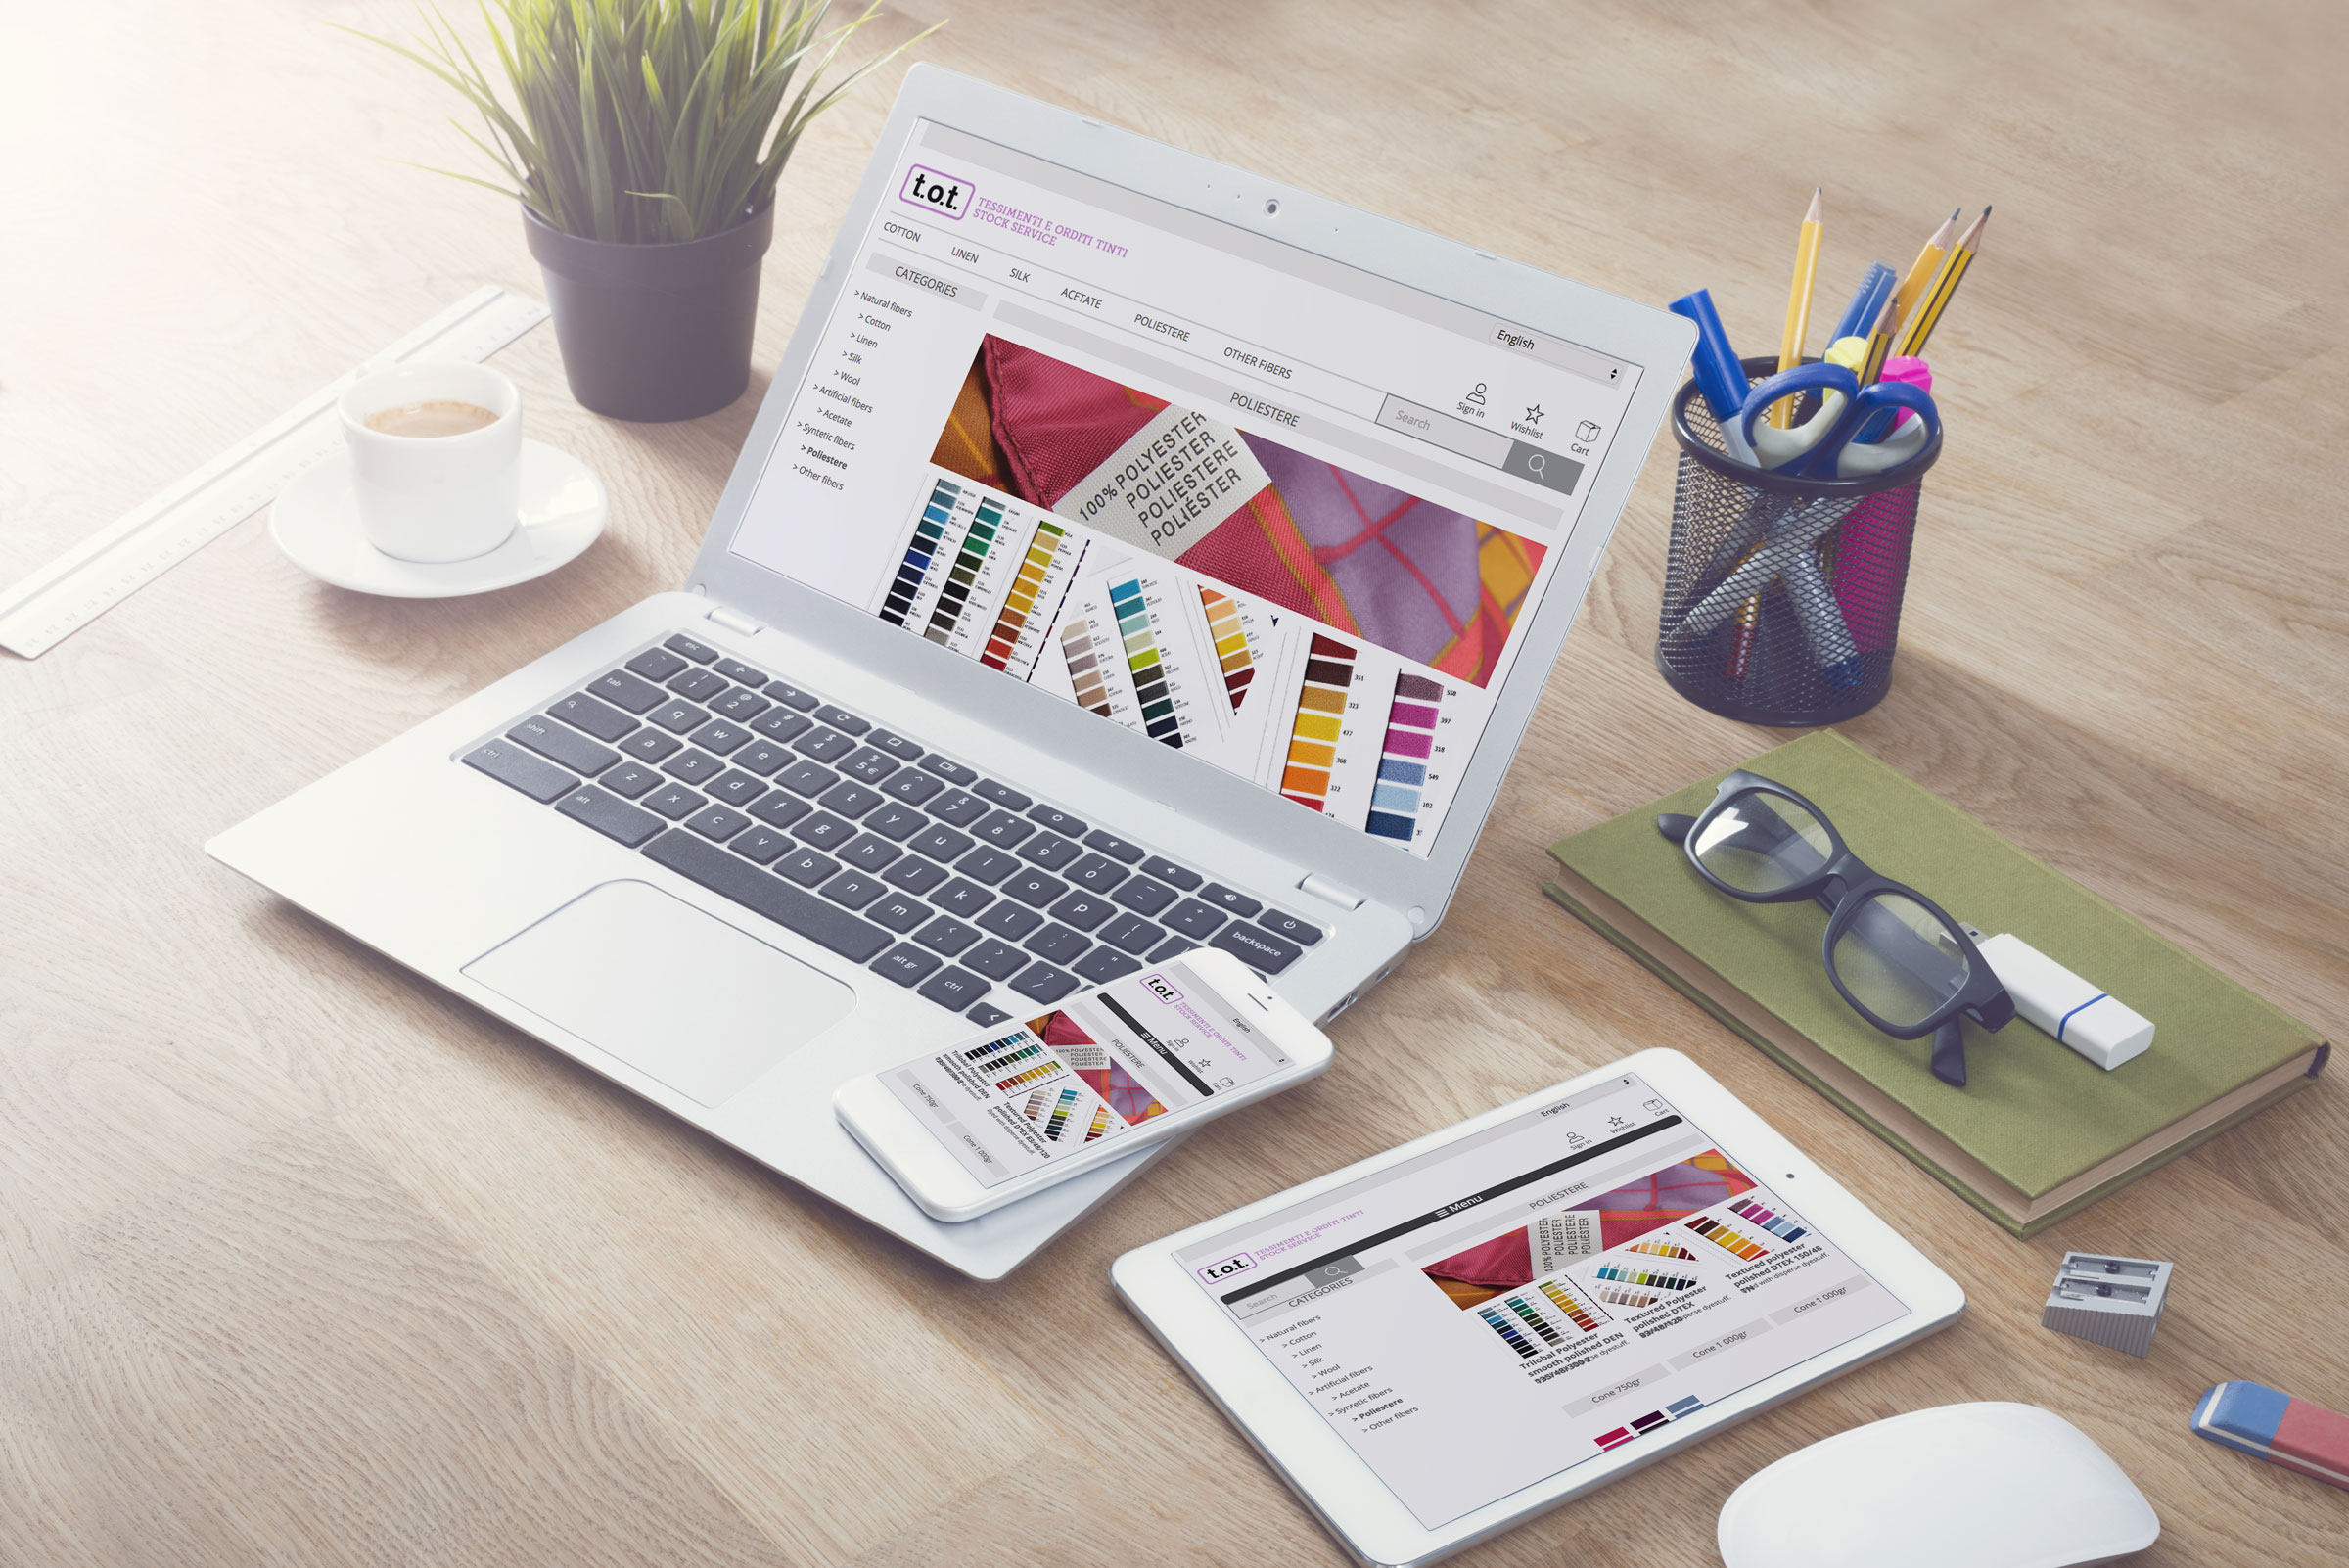 progettazione creazione sito internet responsive